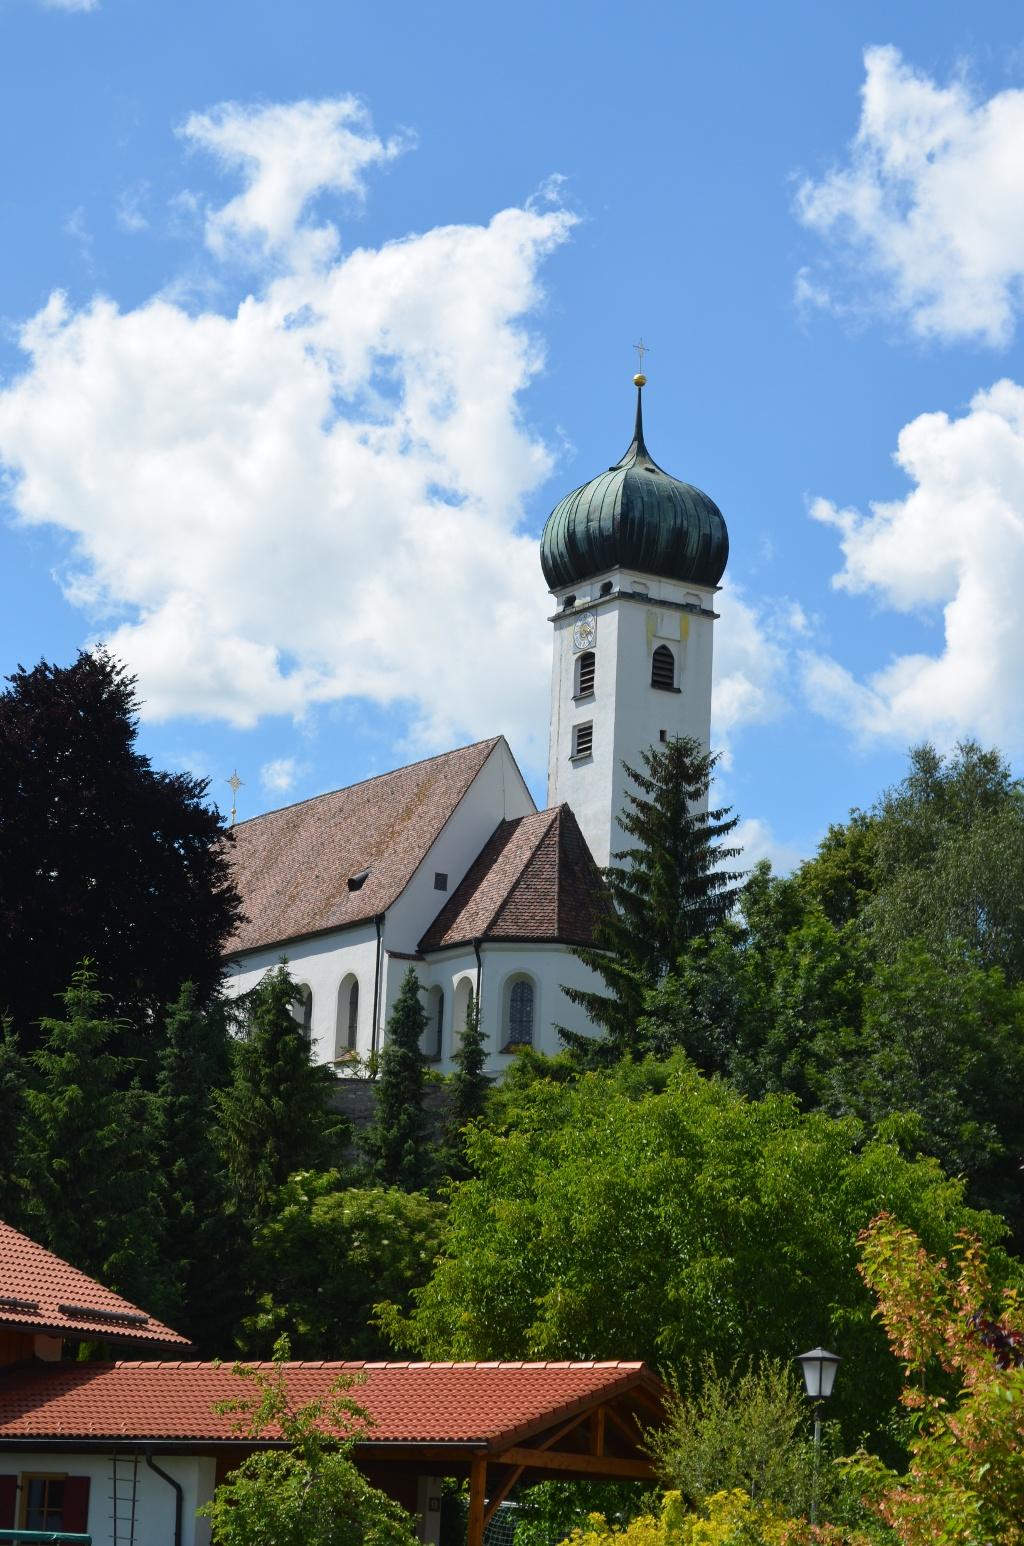 Pfarrkirche St. Georg (Gemeinde Böbing)